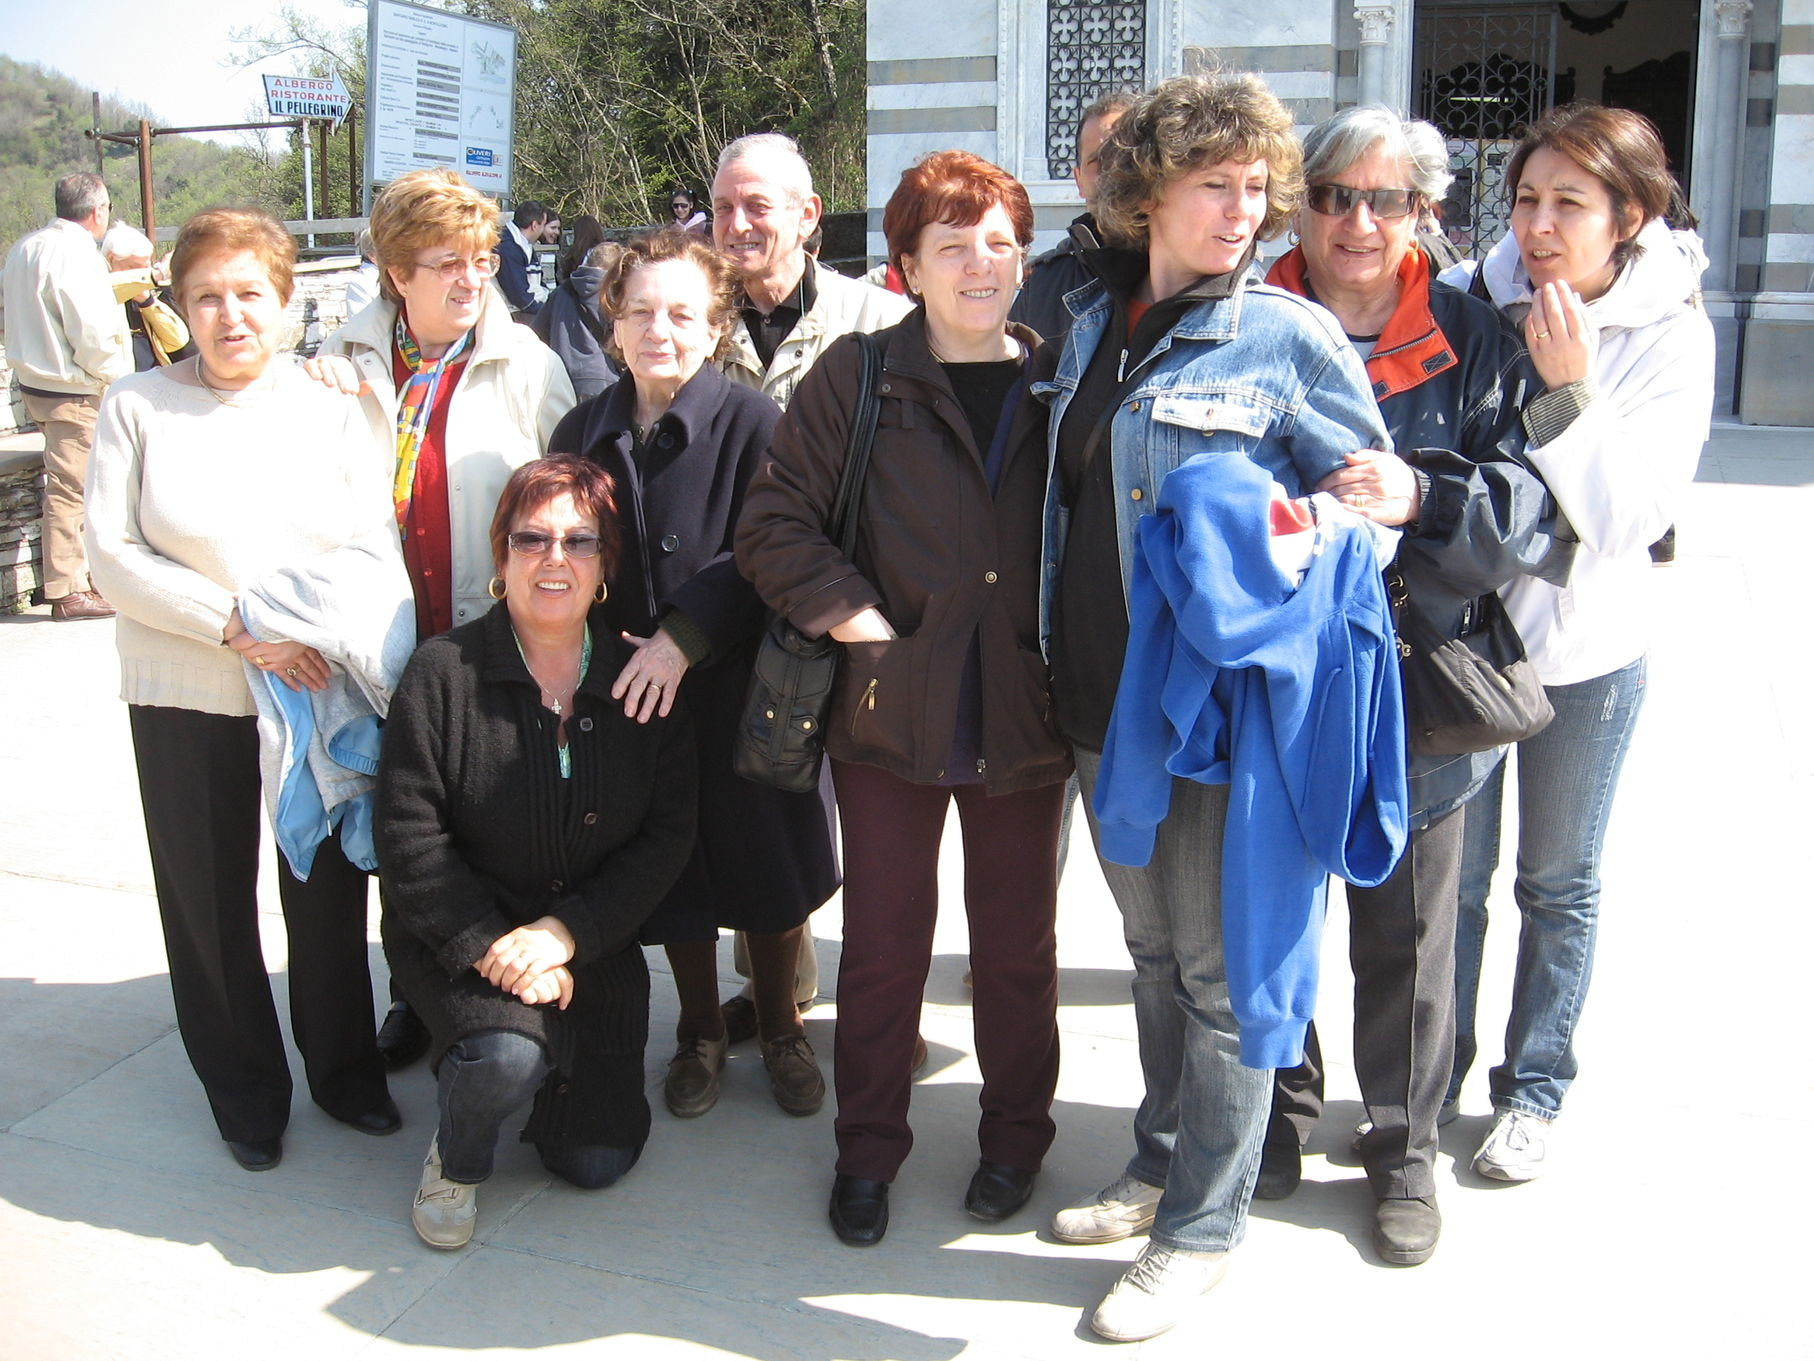 Montallegro-2009-04-13--11.21.58.jpg